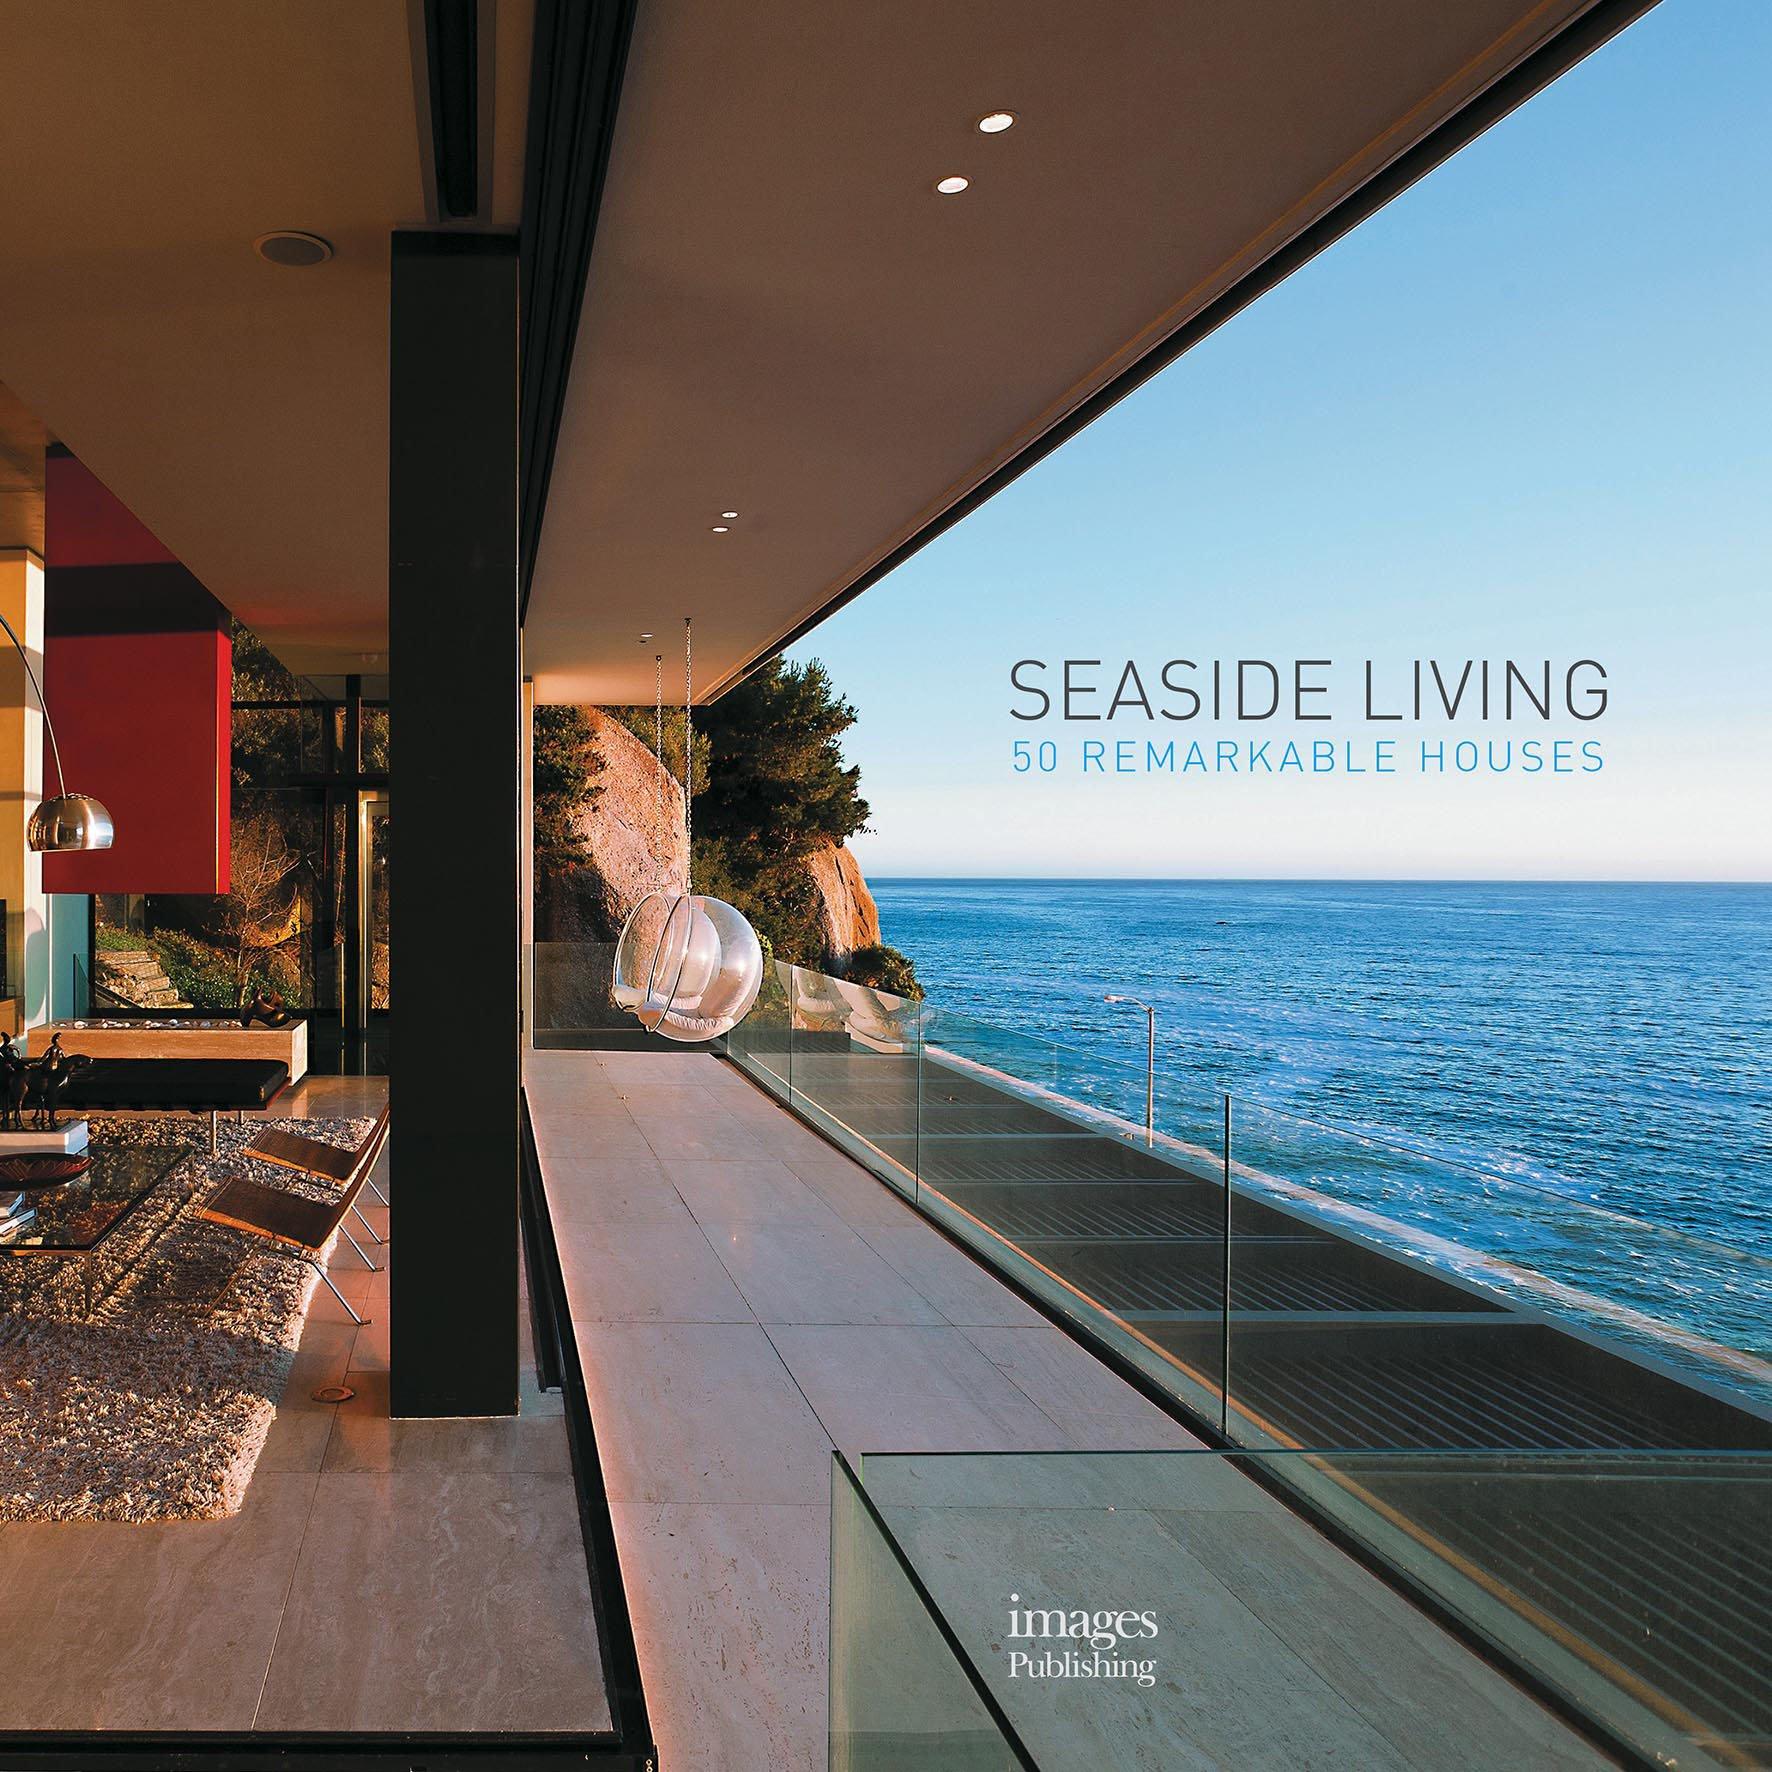 Seaside Living: 50 Remarkable Houses